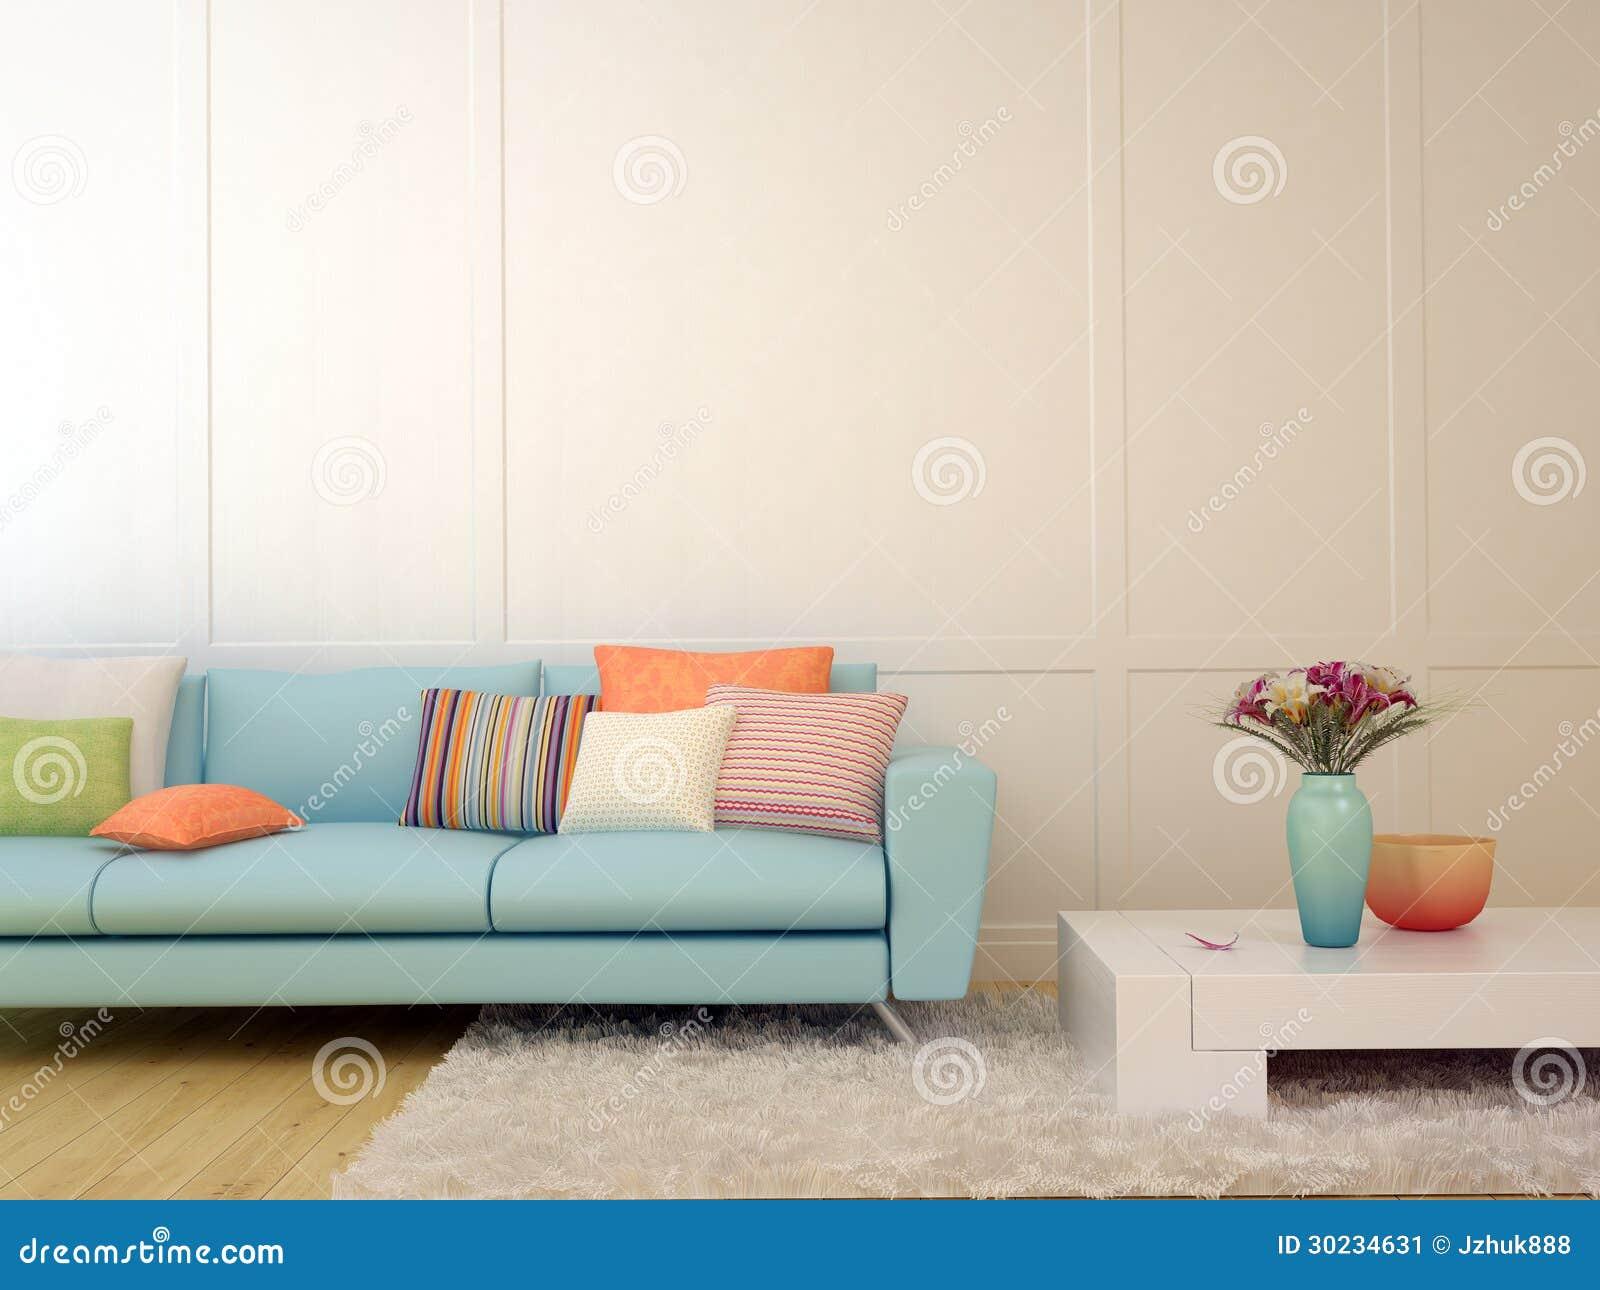 blaues sofa mit bunten kissen und einem wei en kaffeetische stockbild bild 30234631. Black Bedroom Furniture Sets. Home Design Ideas